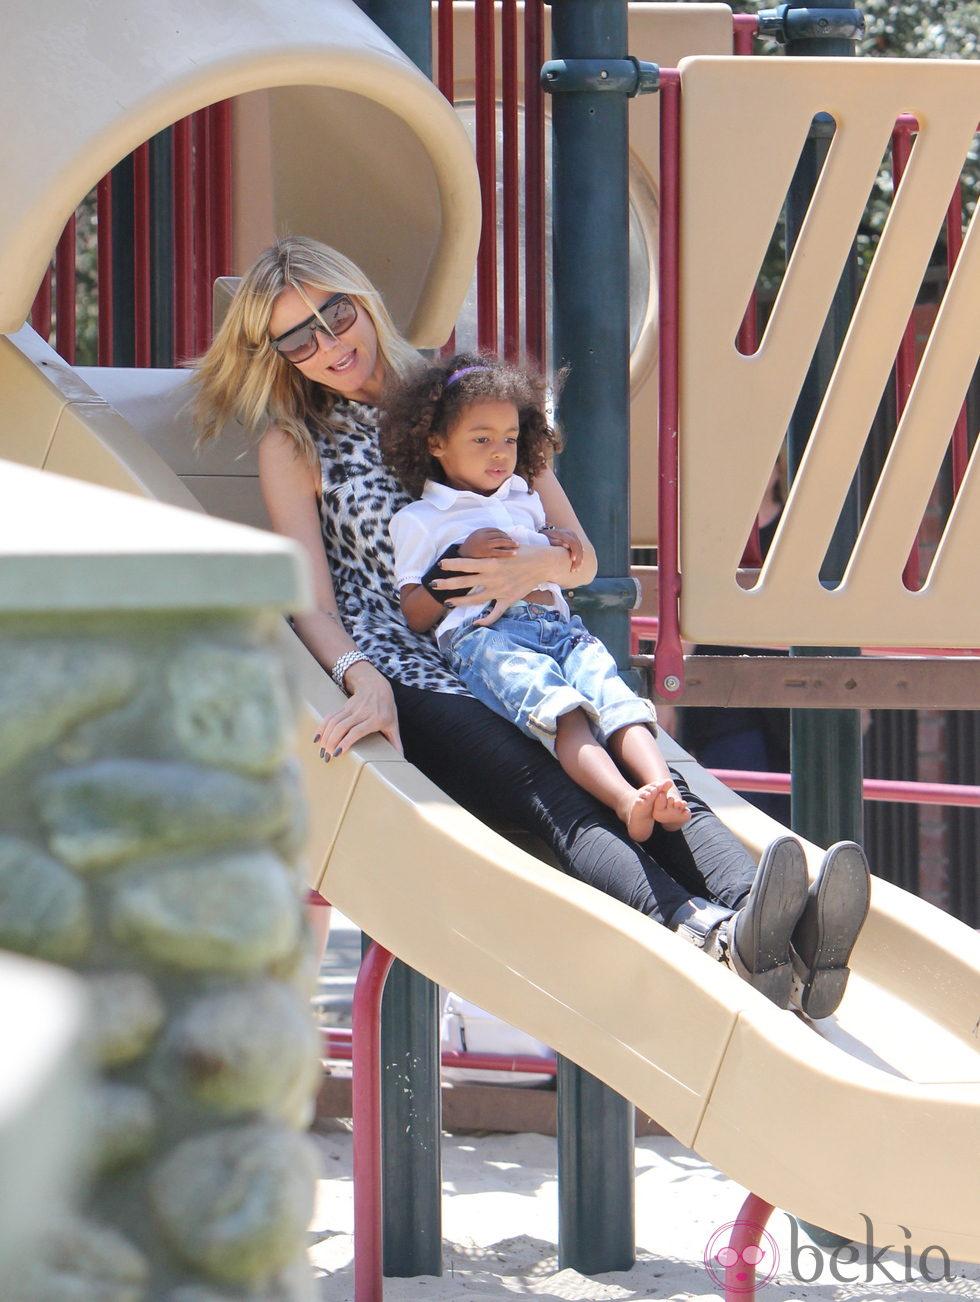 Heidi Klum se divierte con sus hijos en el parque